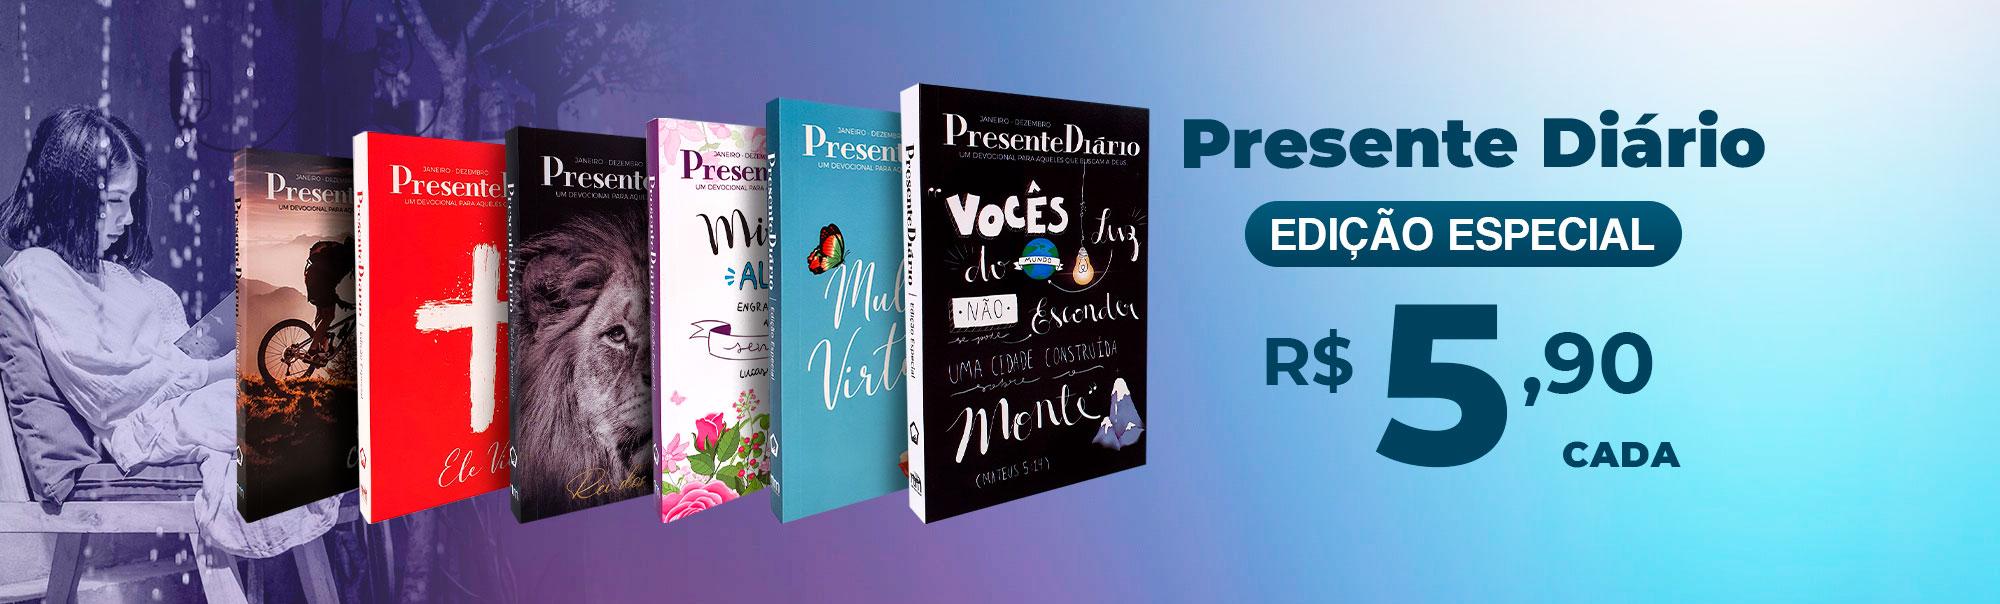 Devocional Presente Diário | livraria cristã emmerick